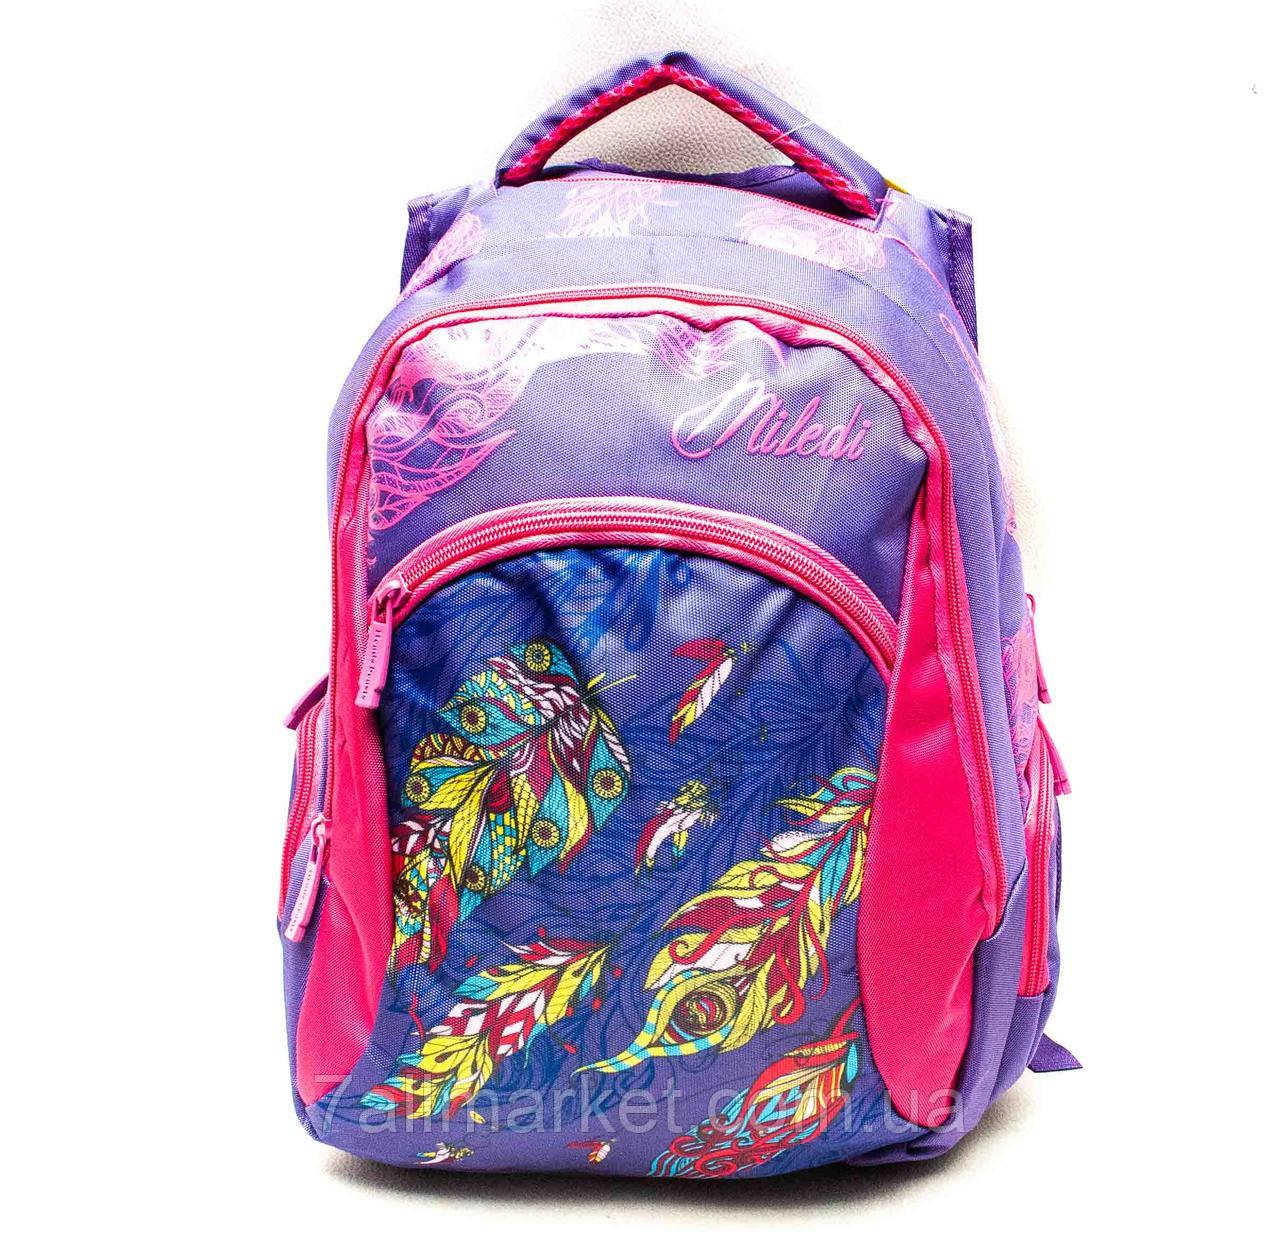 """Рюкзак школьный яркий для девочки MILEDI (38*30 см) (3 цв) """"SOFOCHKA"""" купить недорого от прямого поставщика"""